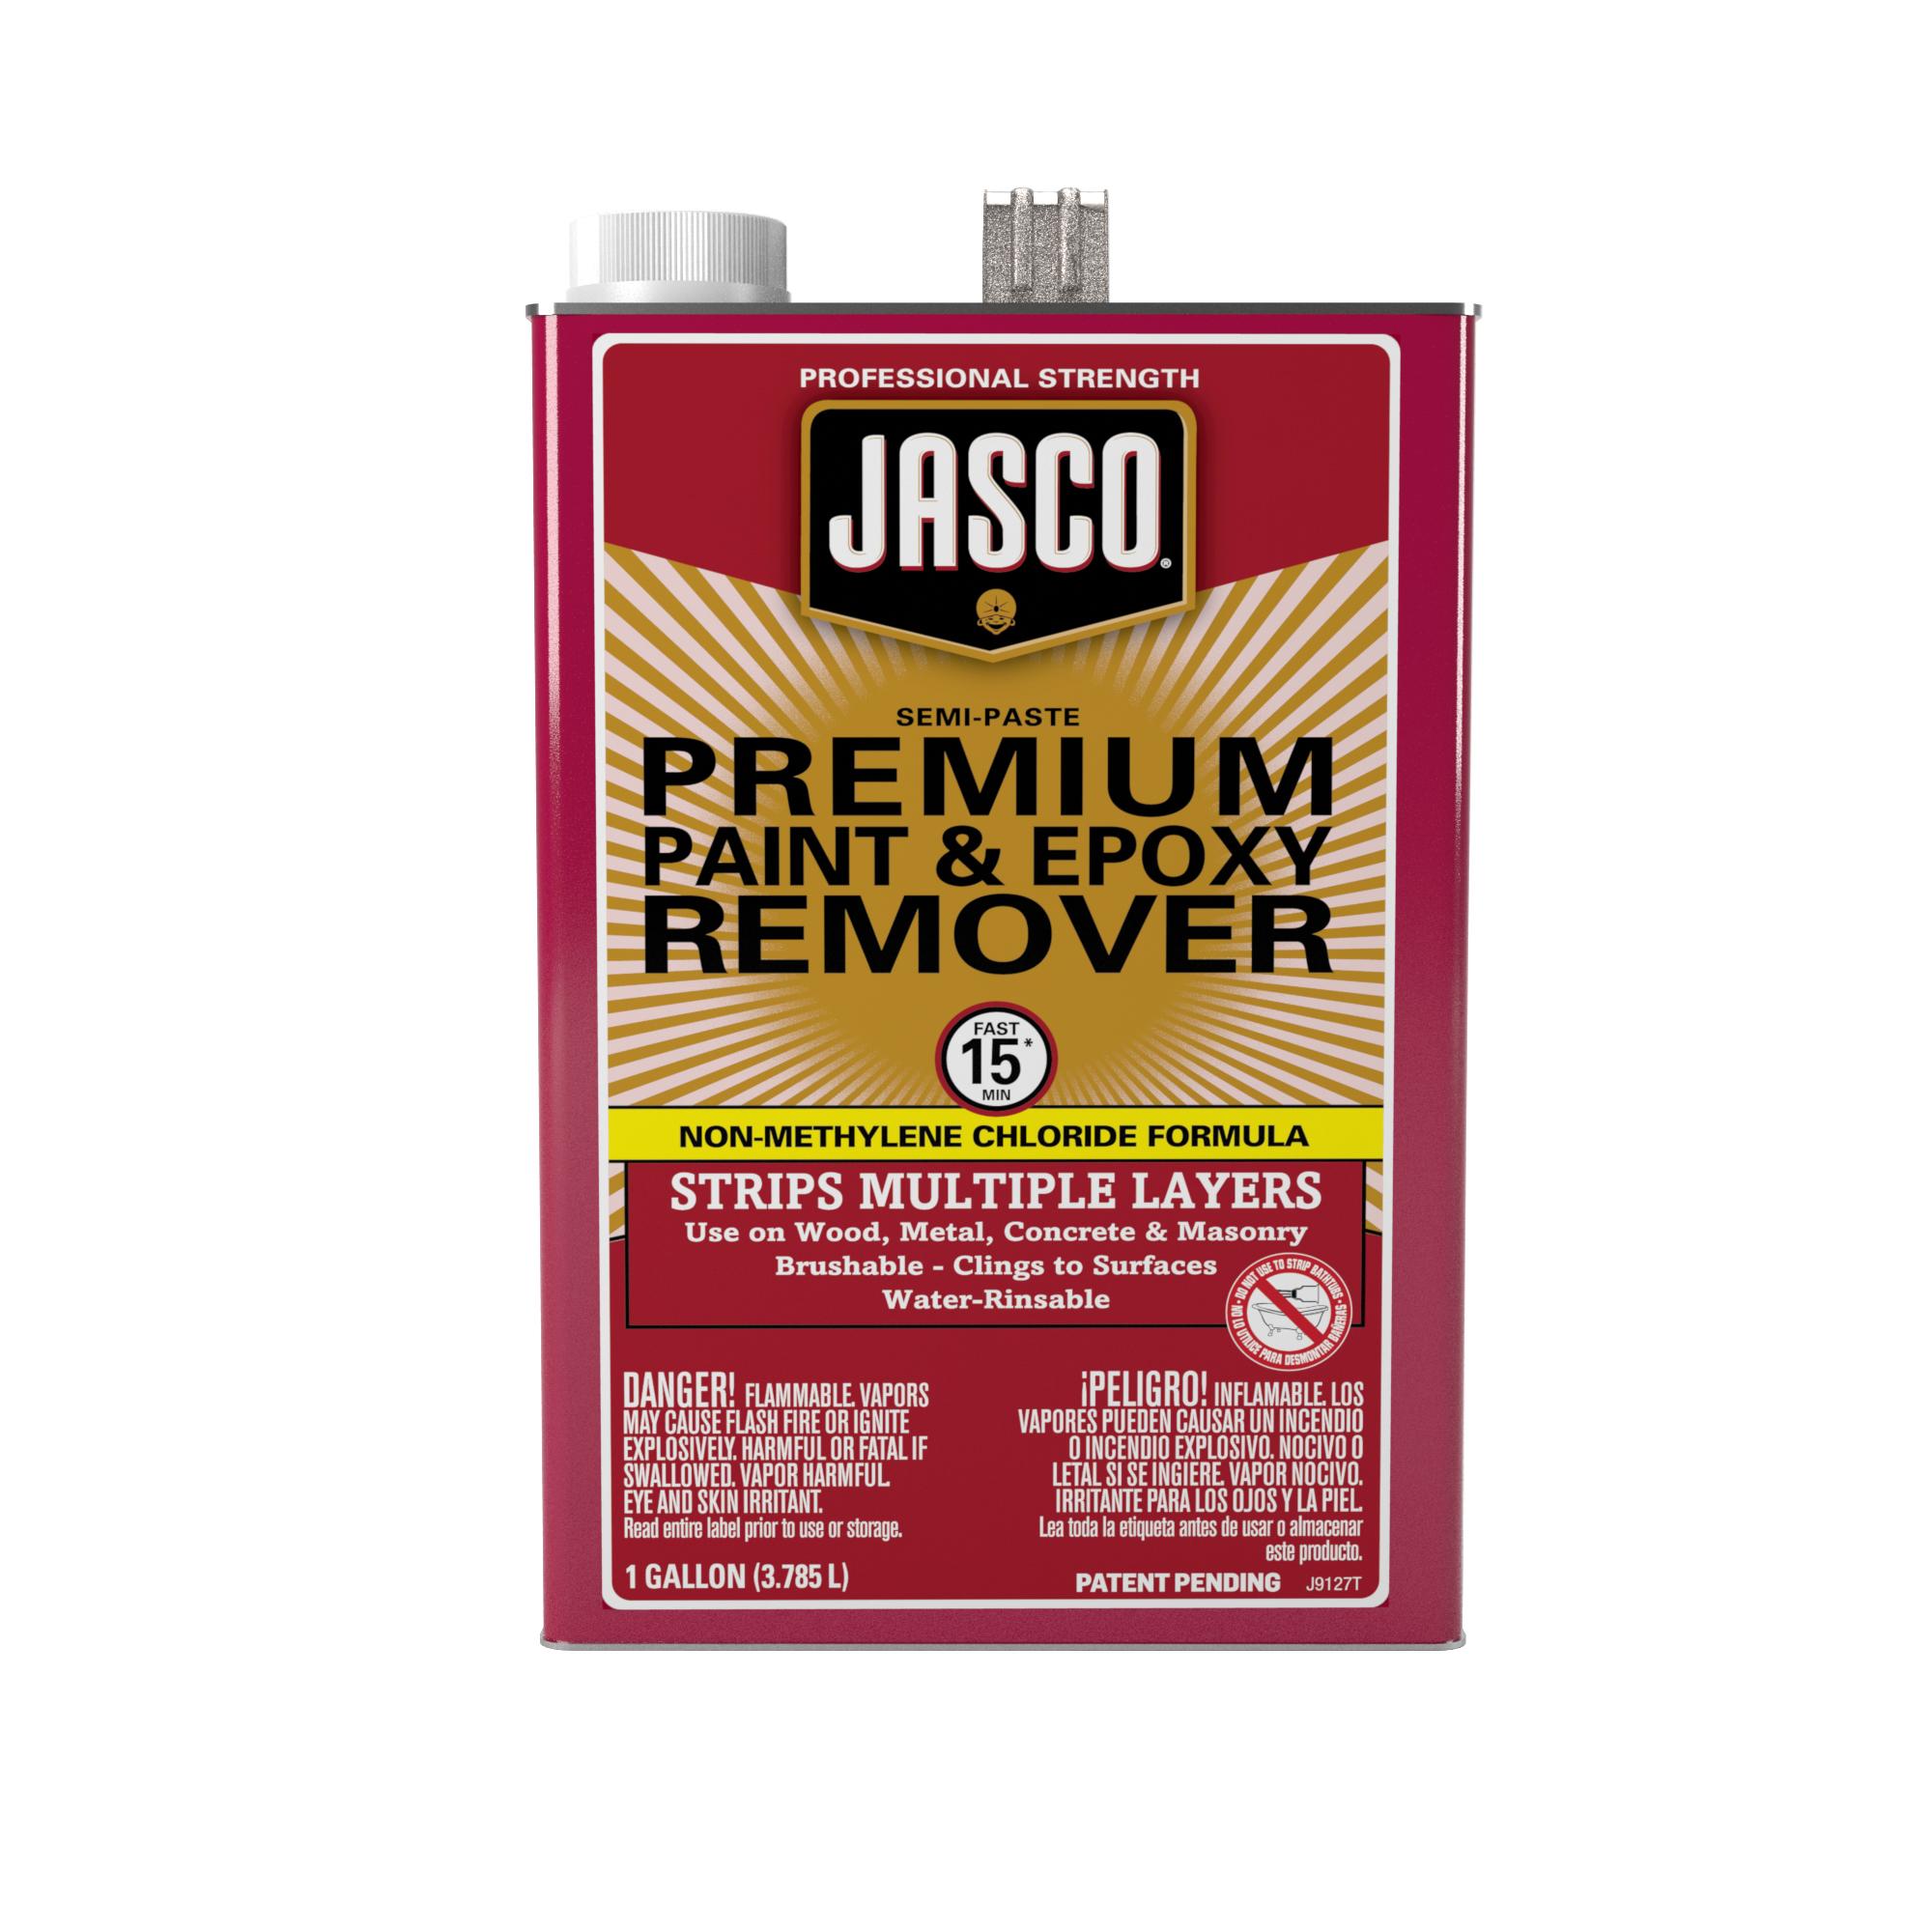 Premium Paint & Epoxy Remover